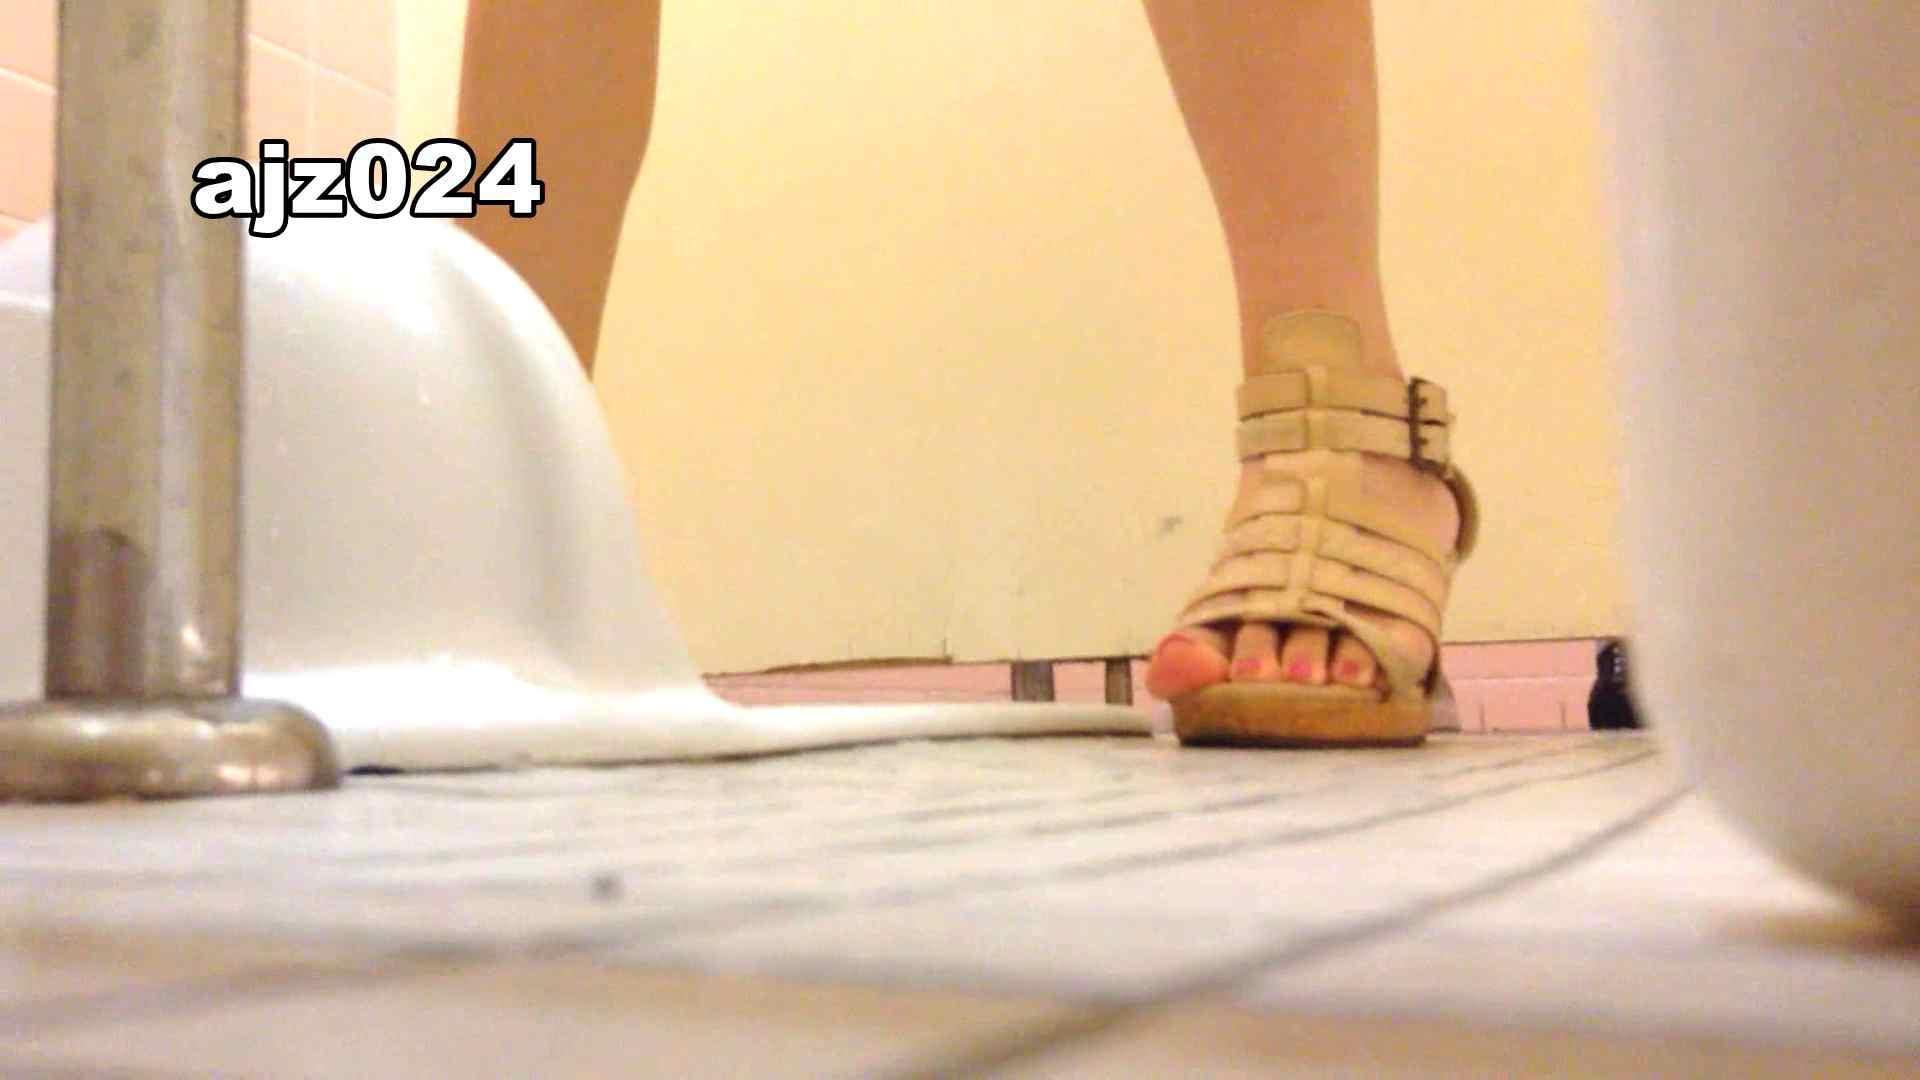 某有名大学女性洗面所 vol.24 OLセックス | 洗面所  59画像 53